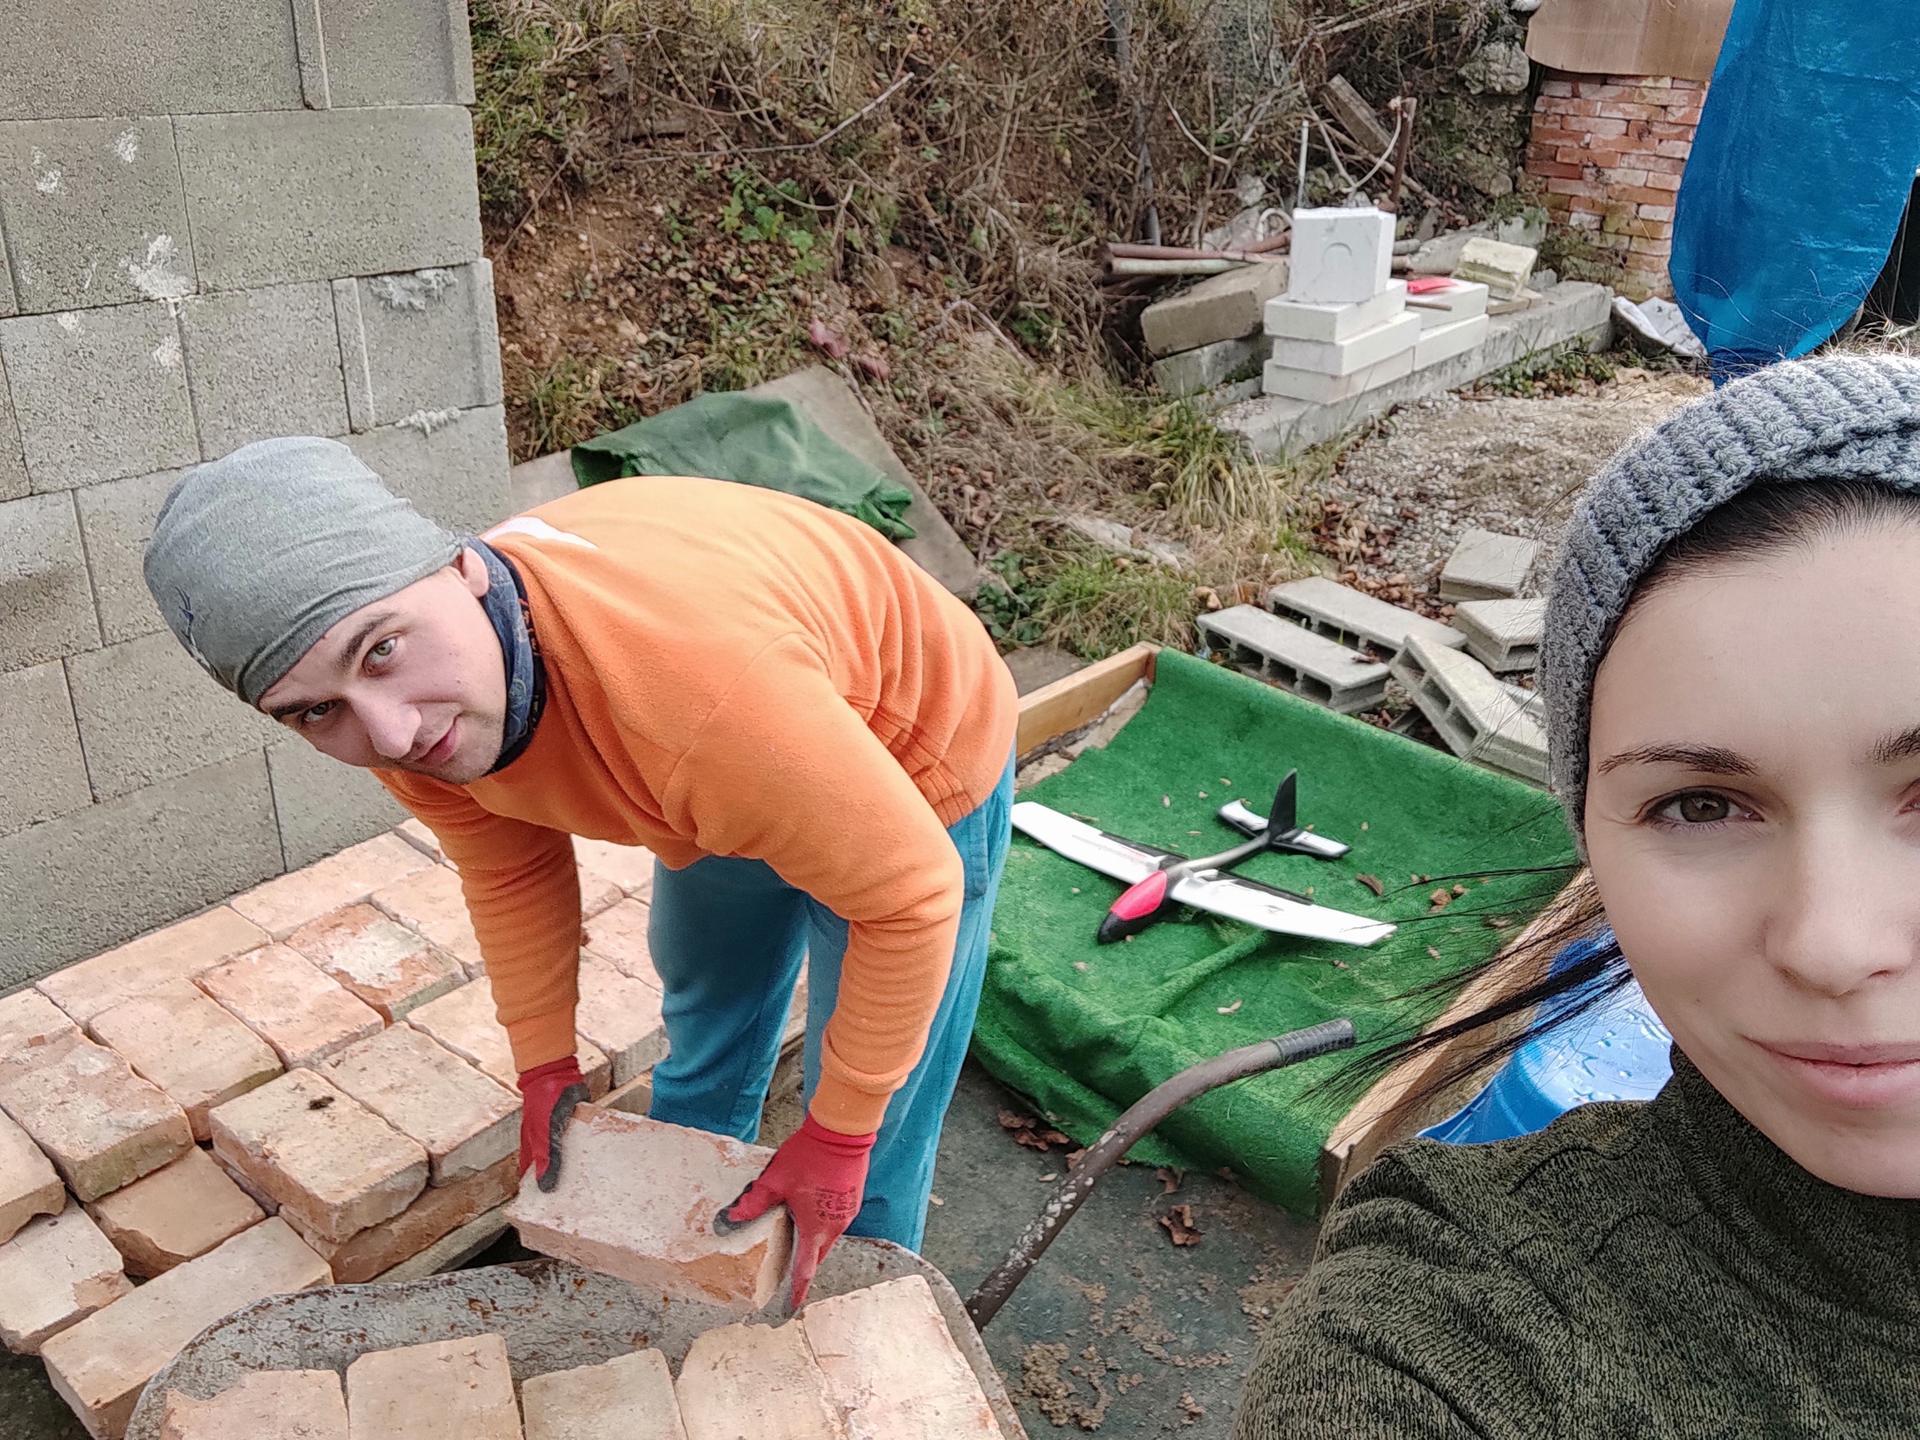 Práce okolo domu a v dome 2020 - Obrázok č. 87